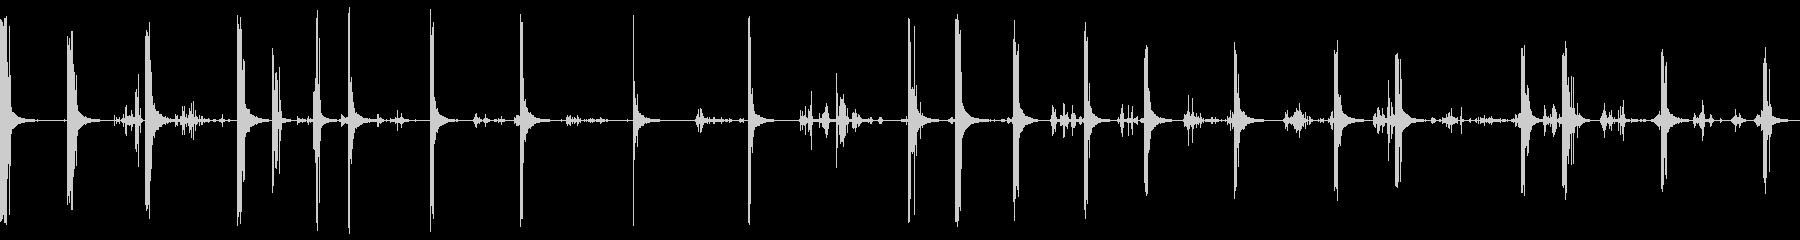 チェーンメタルドロップ大きな部屋cの未再生の波形